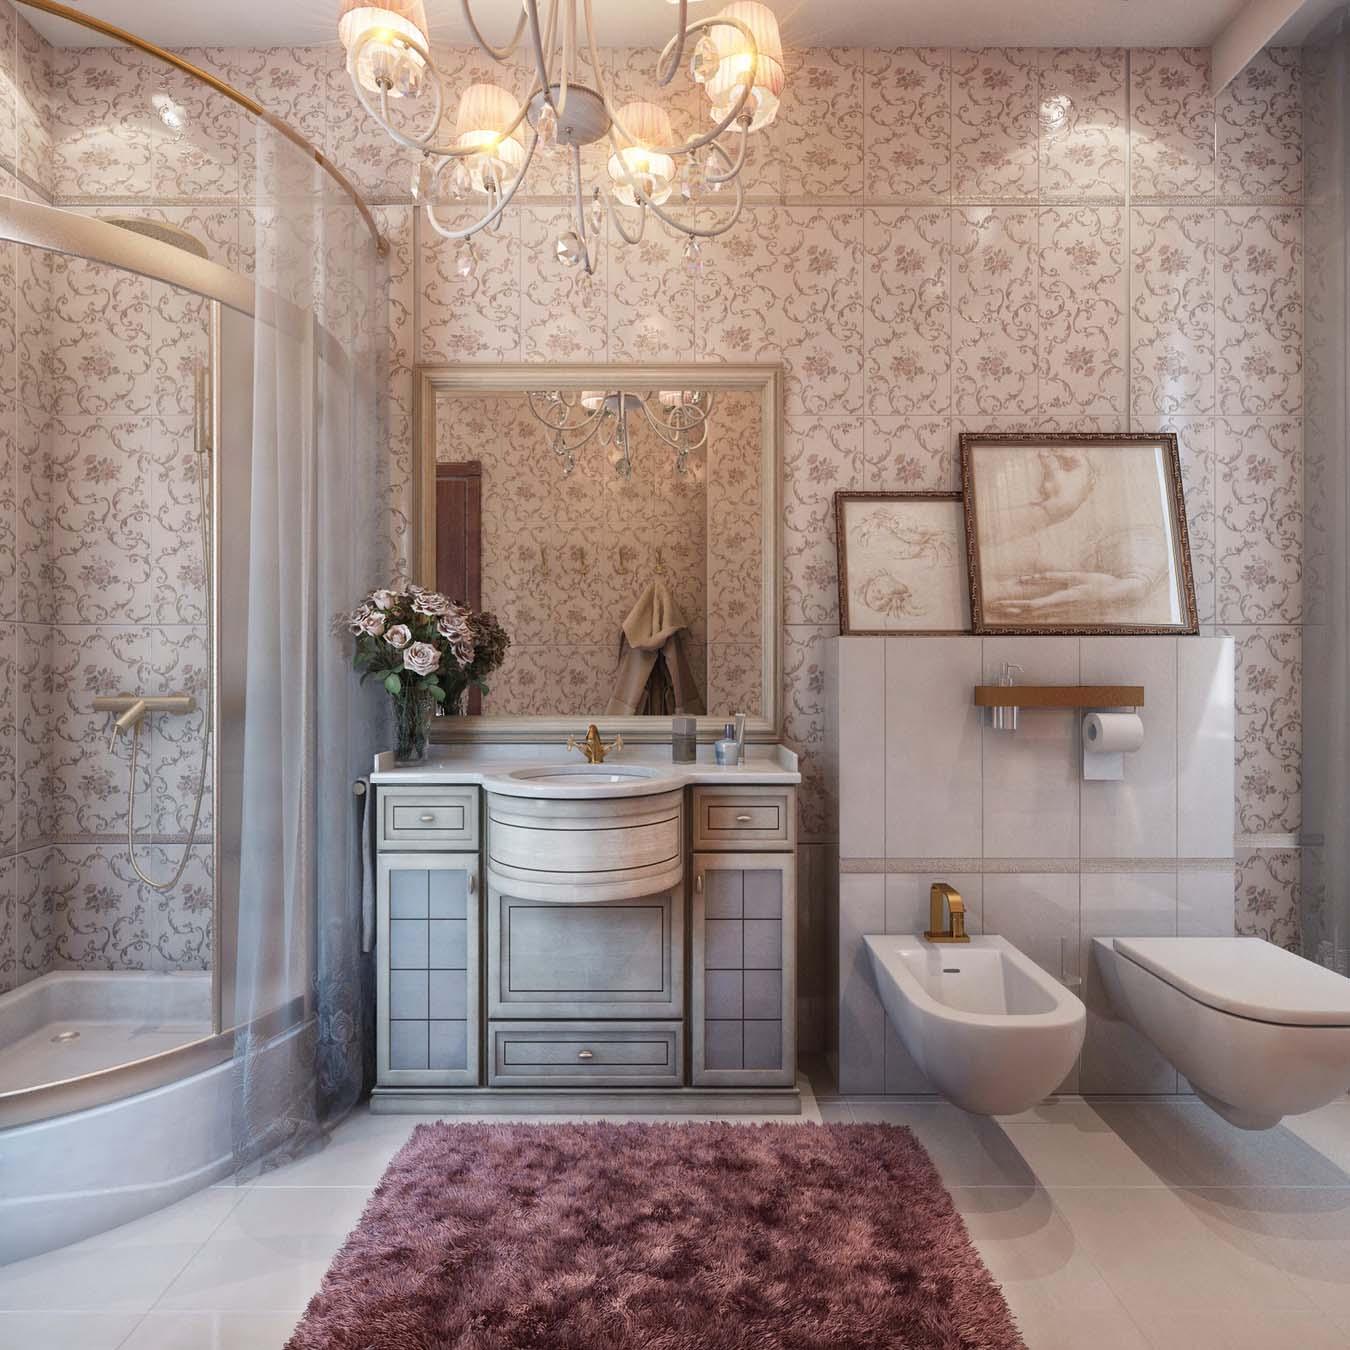 плитка с бабочками в ванную